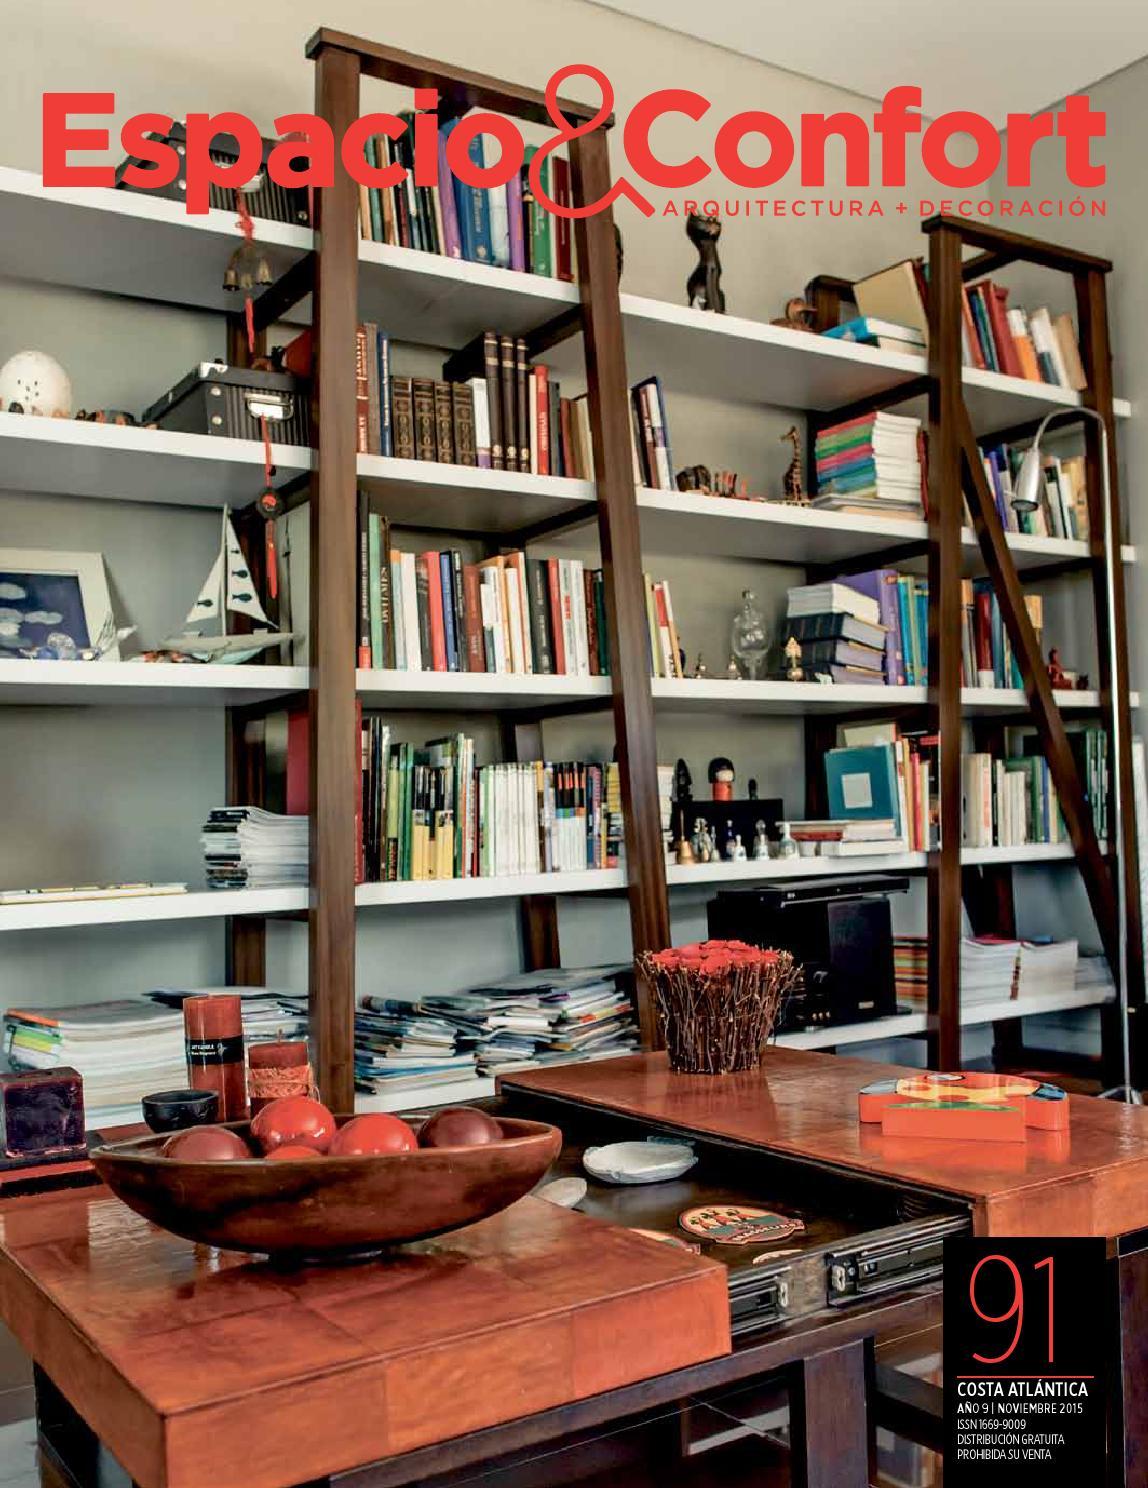 91 Costa Noviembre By Revista Espacio Confort Arquitectura  # Muebles Luberto Mar Del Plata